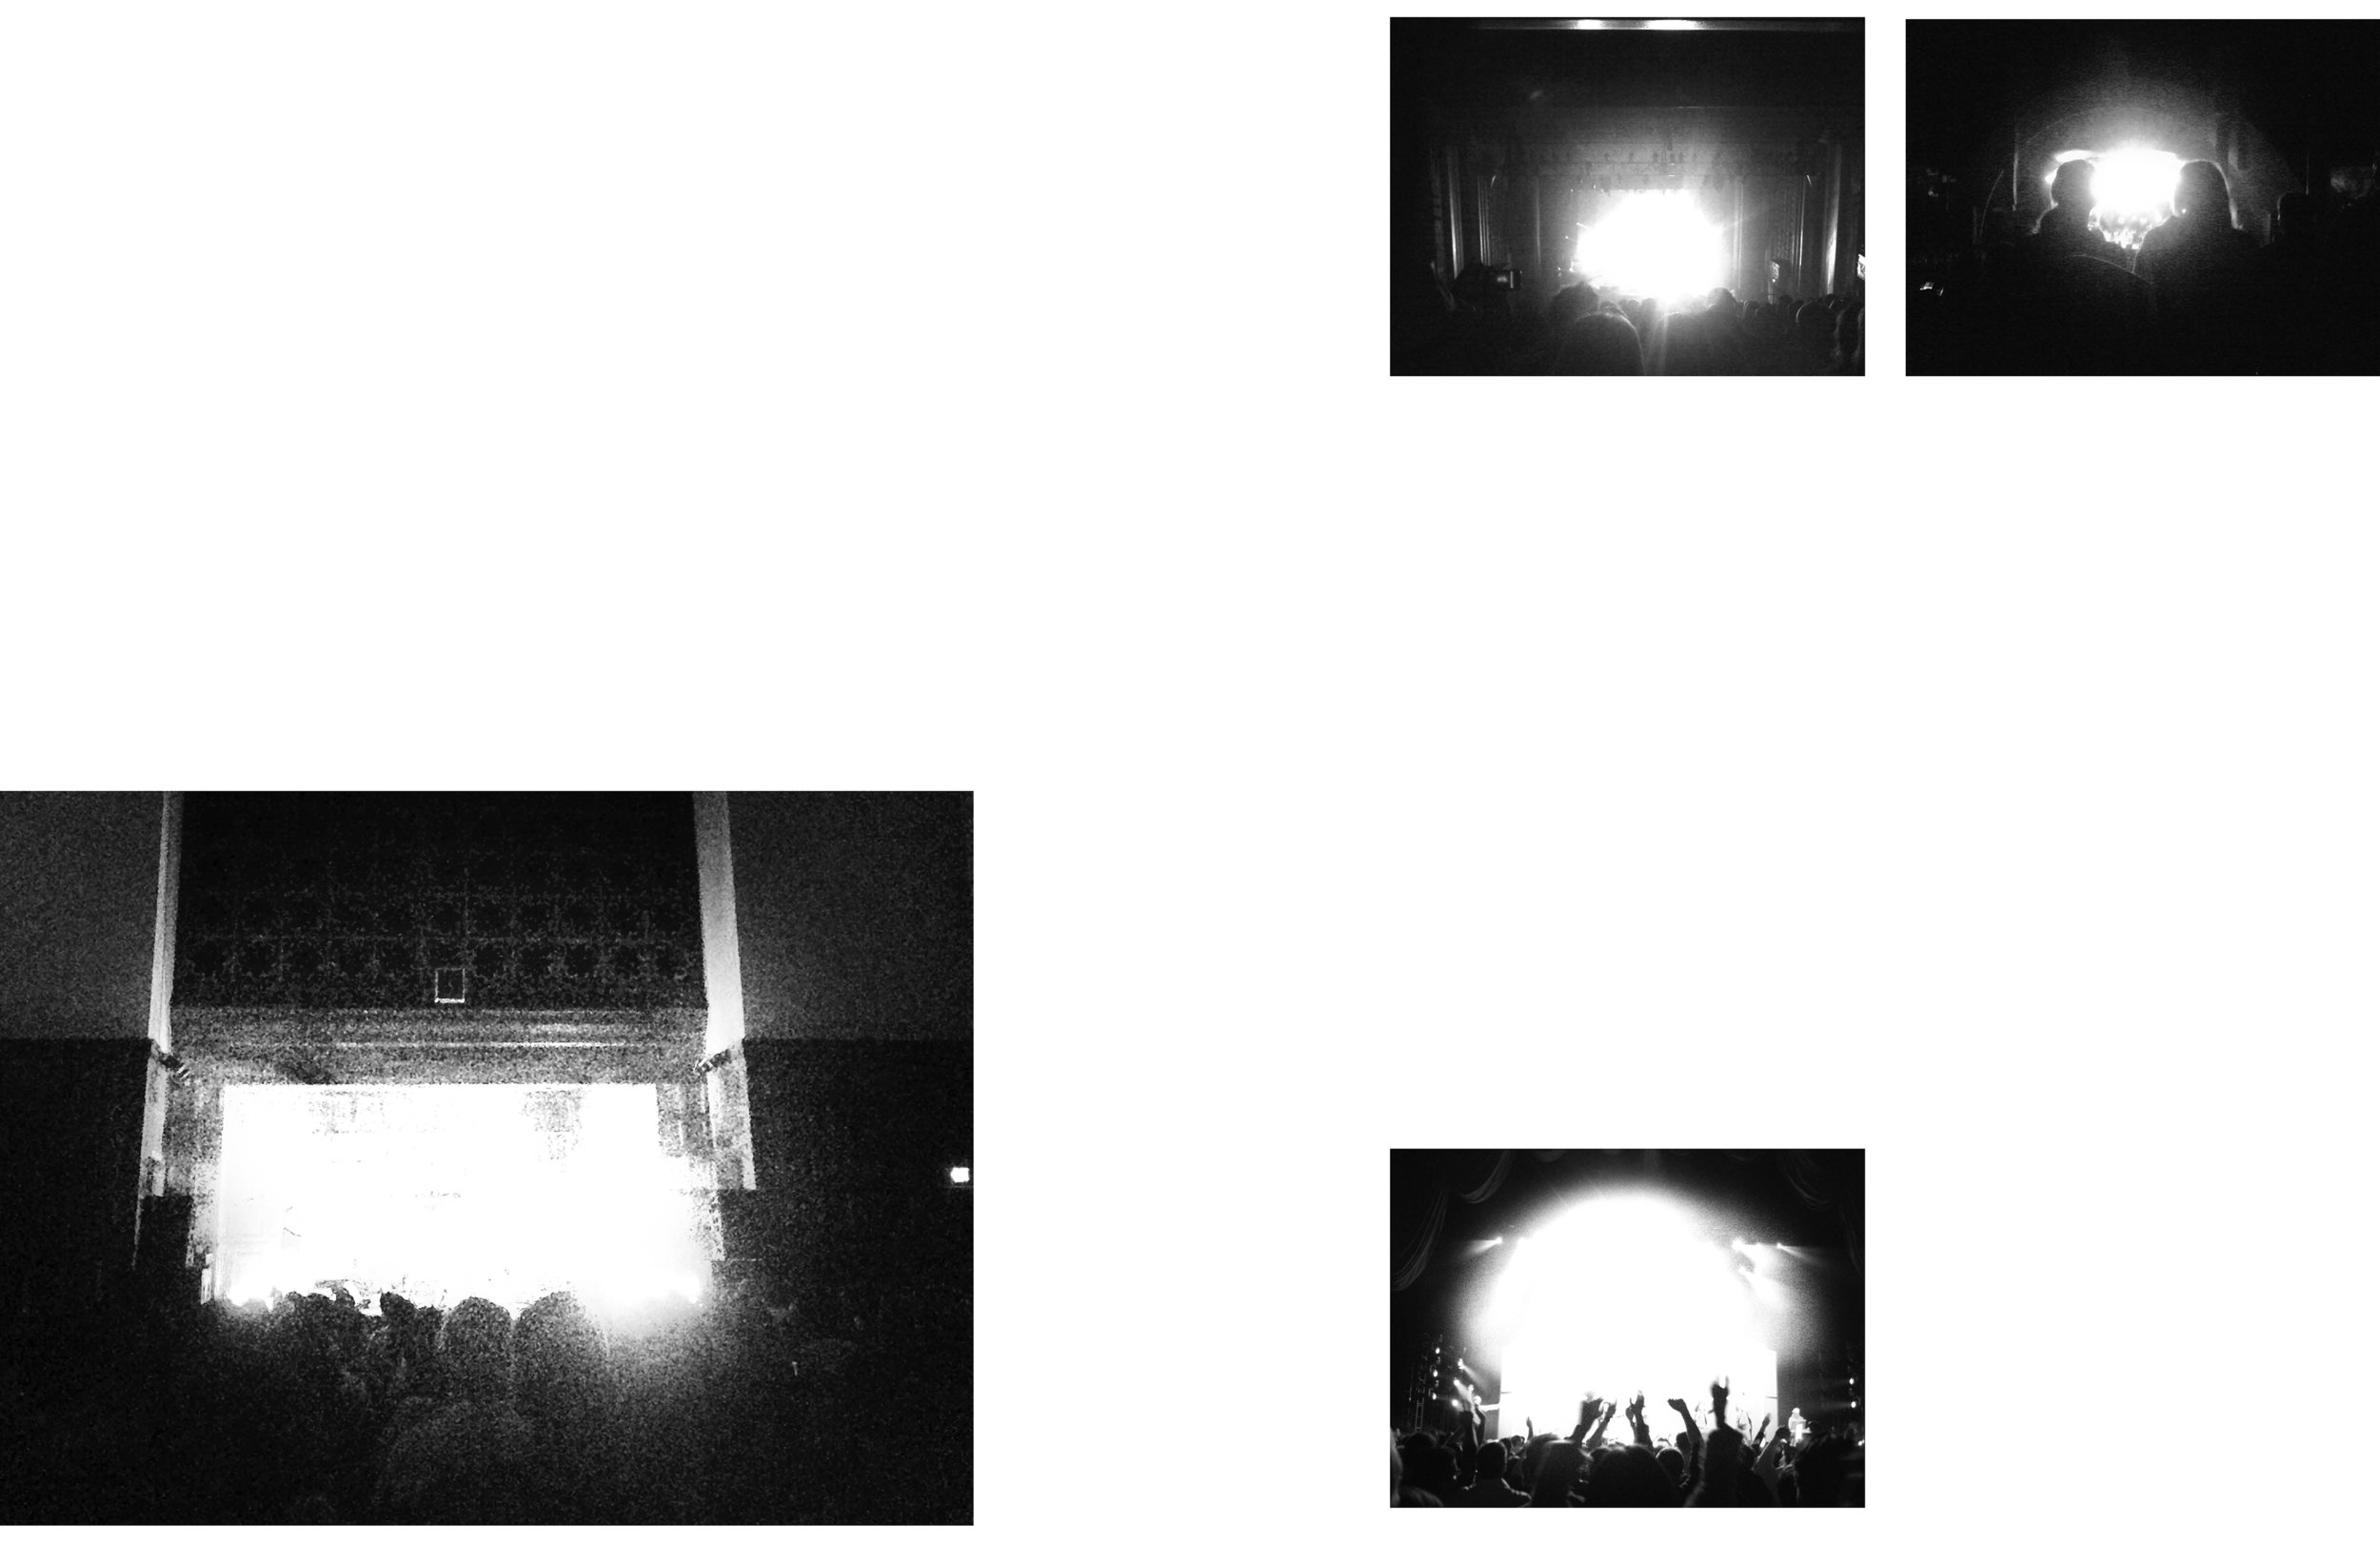 008_meteor explodes.jpg